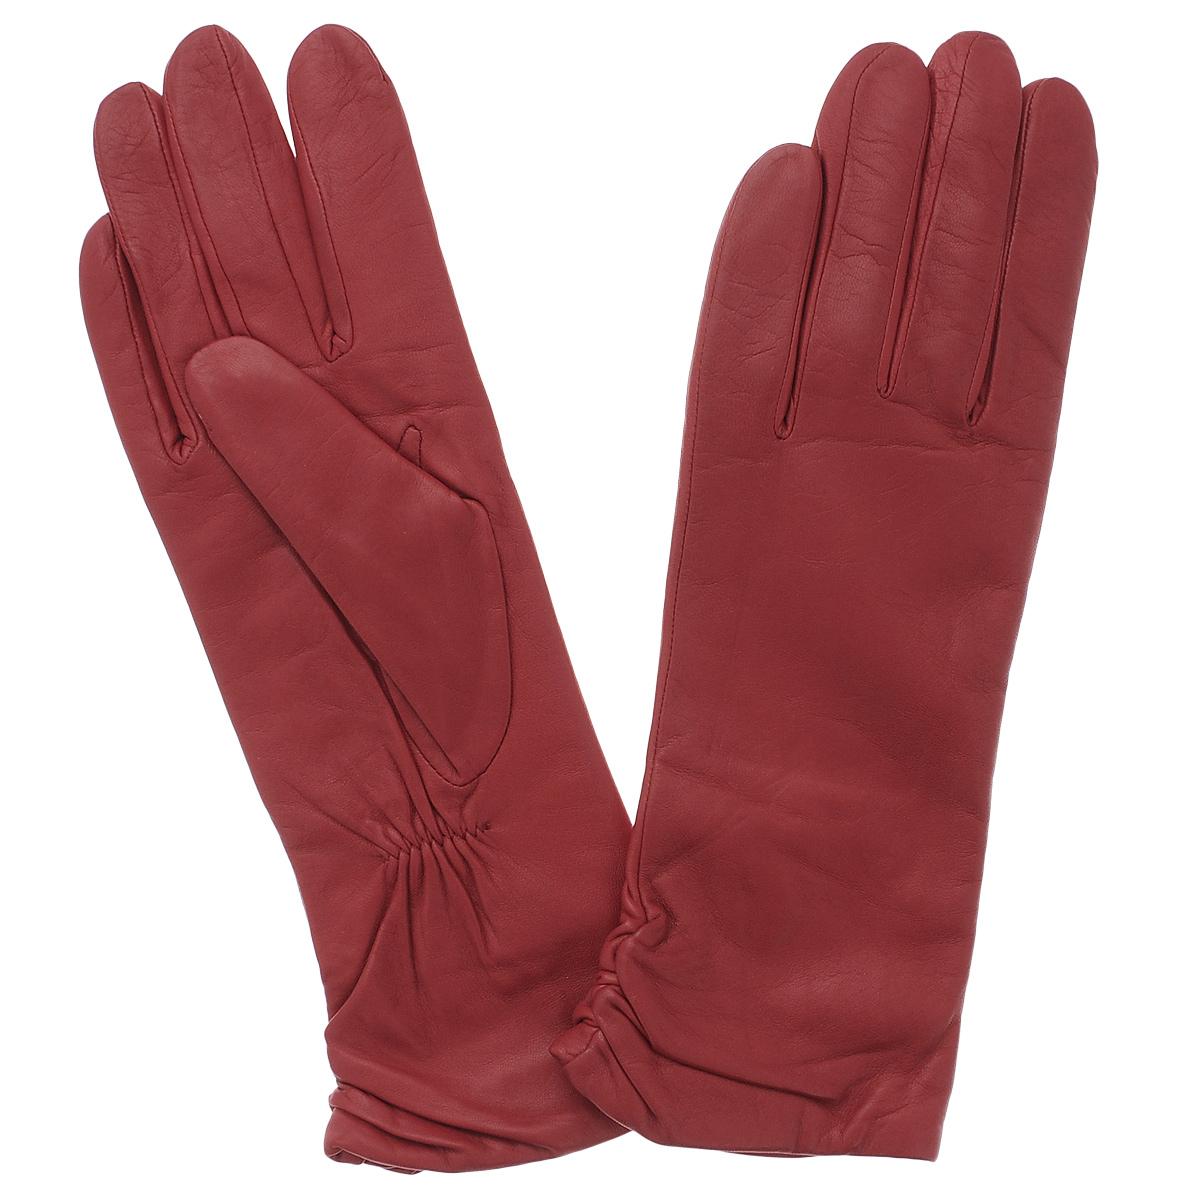 Перчатки женские Dali Exclusive, цвет: красный. 11_ASTRA/RED. Размер 6,511_ASTRA/REDСтильные удлиненные перчатки Dali Exclusive с подкладкой из шерсти выполнены из мягкой и приятной на ощупь натуральной кожи ягненка. Манжеты по боковому шву собраны на резинку. Такие перчатки подчеркнут ваш стиль и неповторимость и придадут всему образу нотки женственности и элегантности.